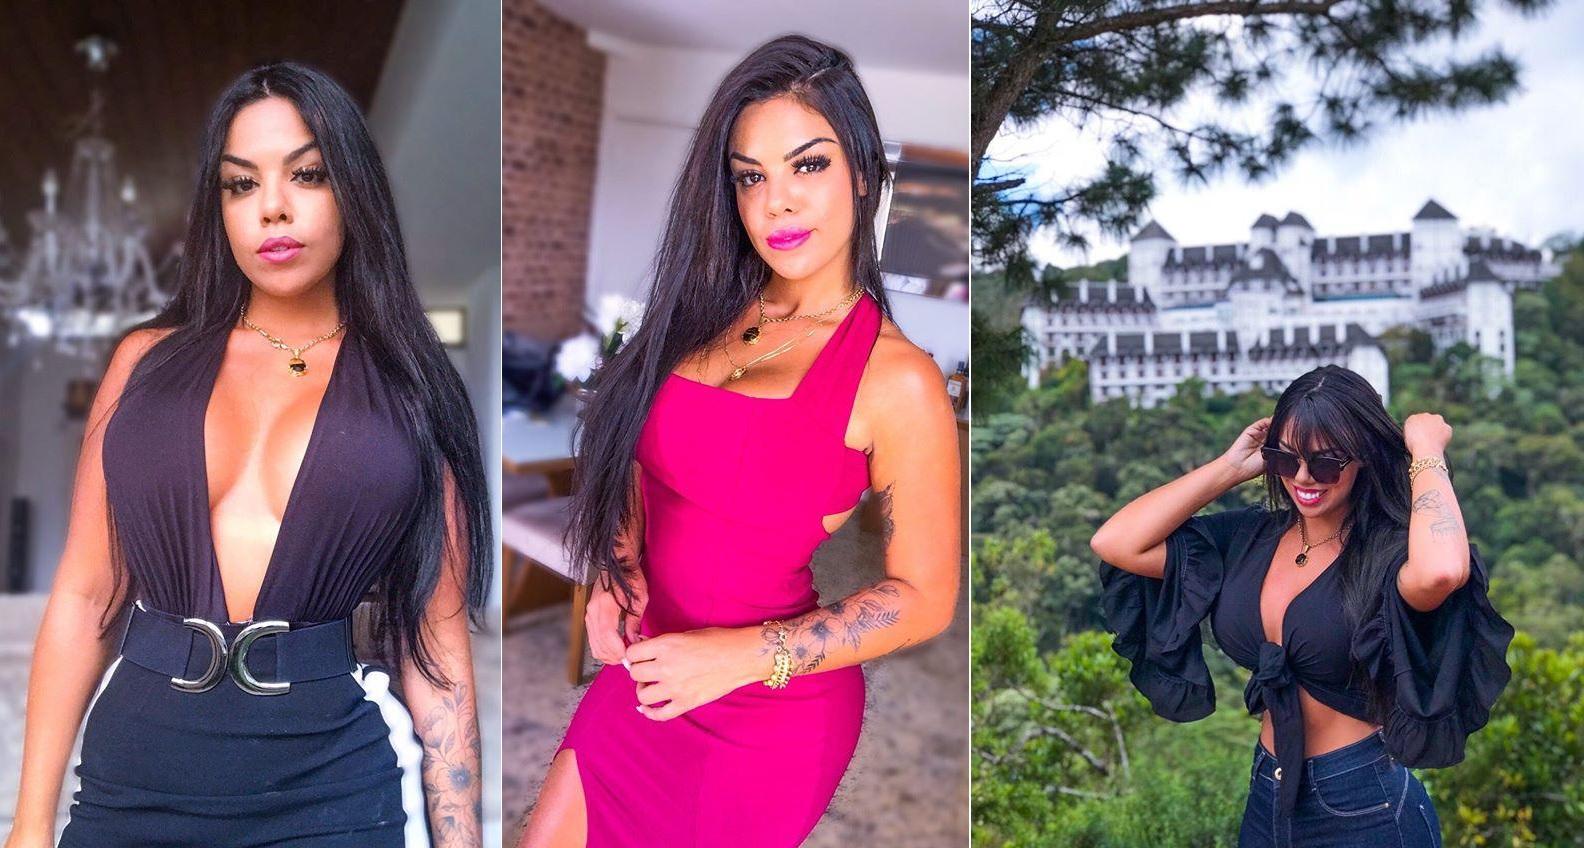 Modelo Ingrid Bragança faz sucesso nas redes sociais